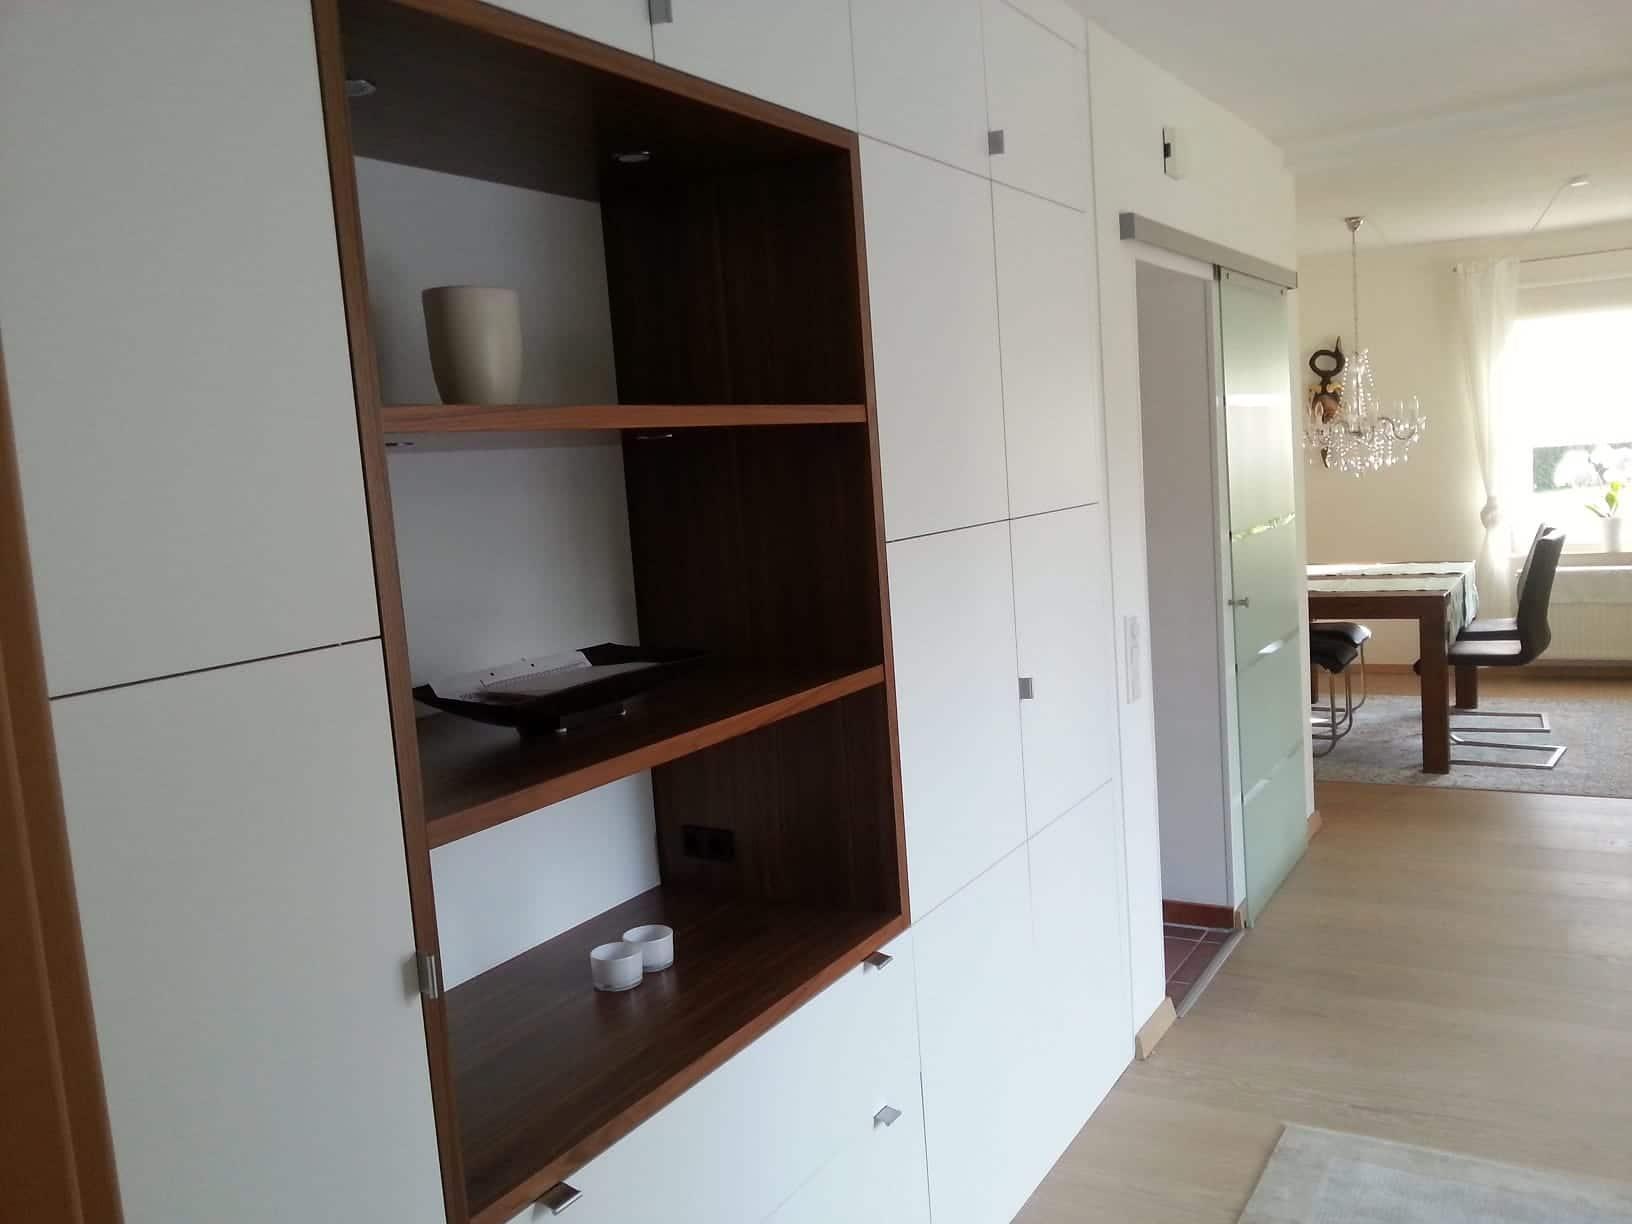 tischlerei-hanses-essen-moebel-handwerk-wohnraum-14